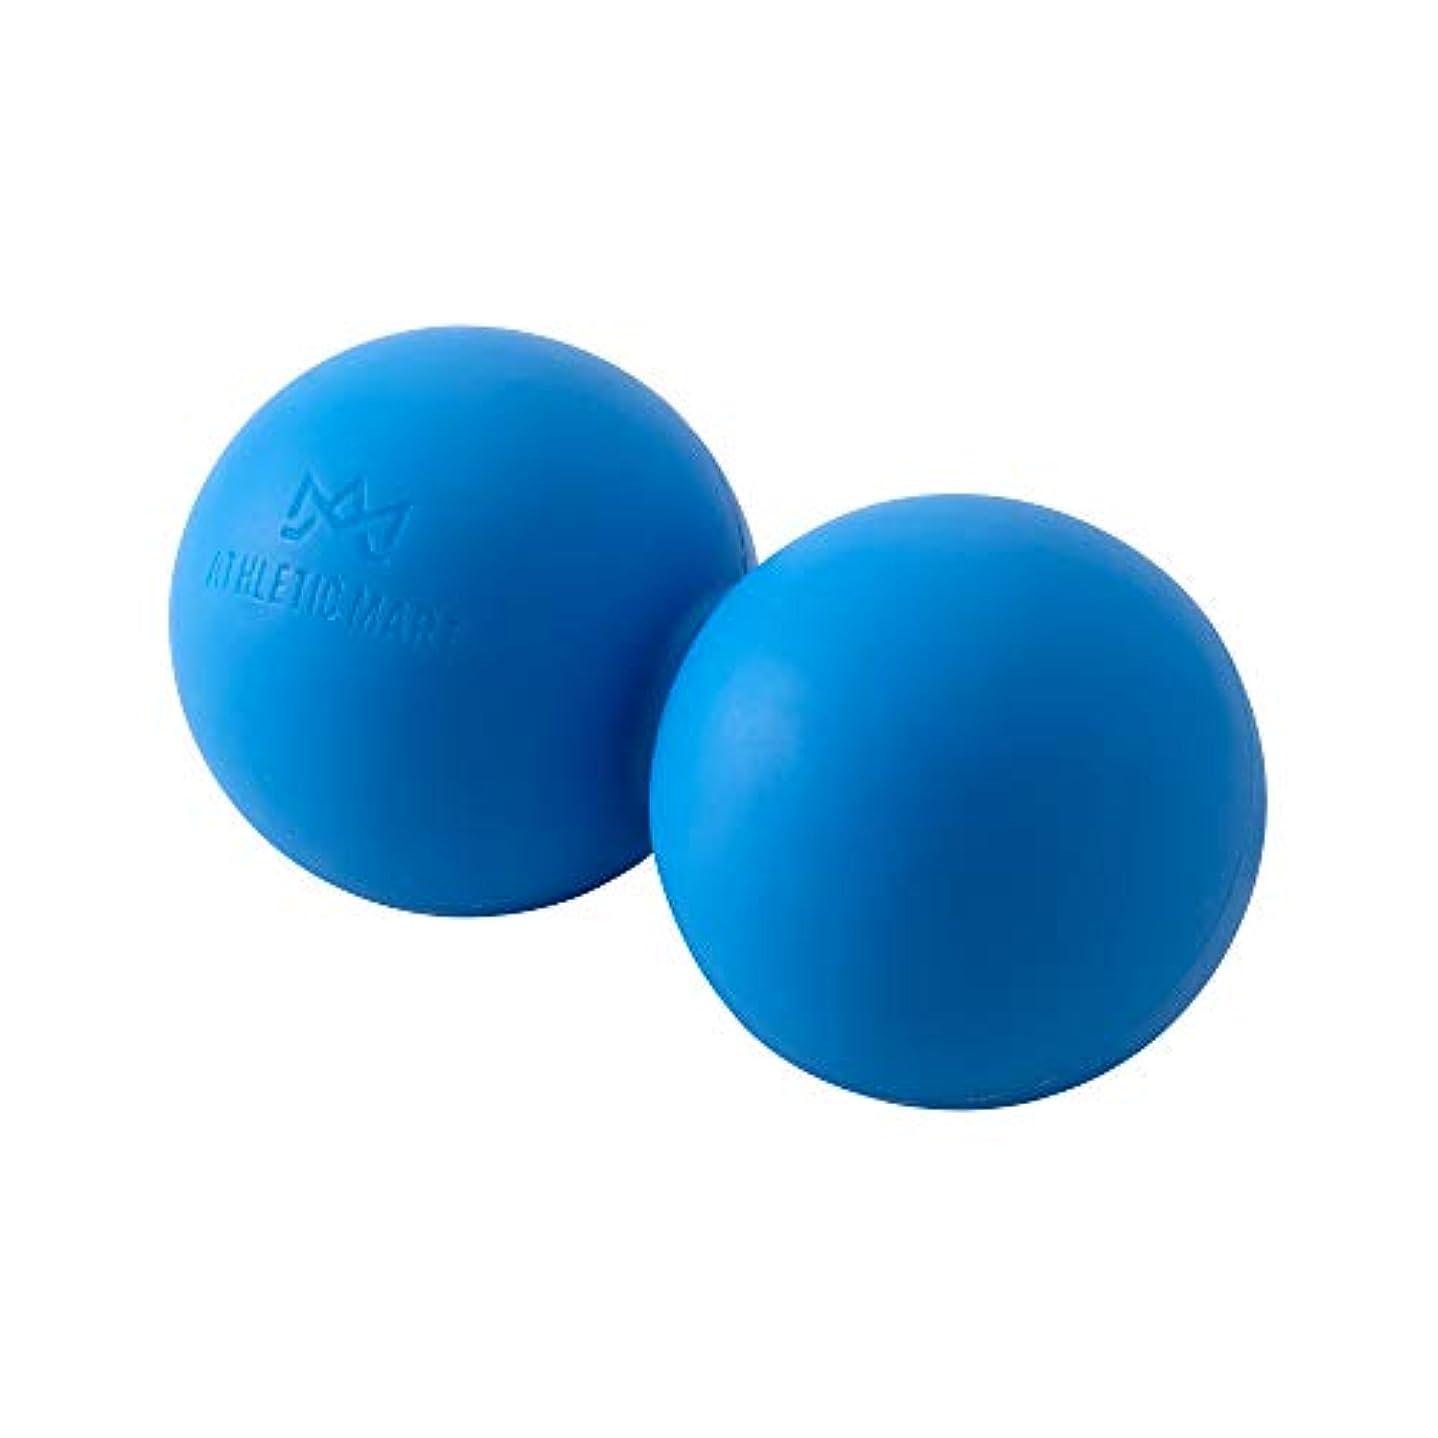 先例卒業記念アルバムフレットATHLETIC MART ピーナッツ型ストレッチボール マッサージボール ラクロスボール2個サイズ ツボ押し (ブルー)